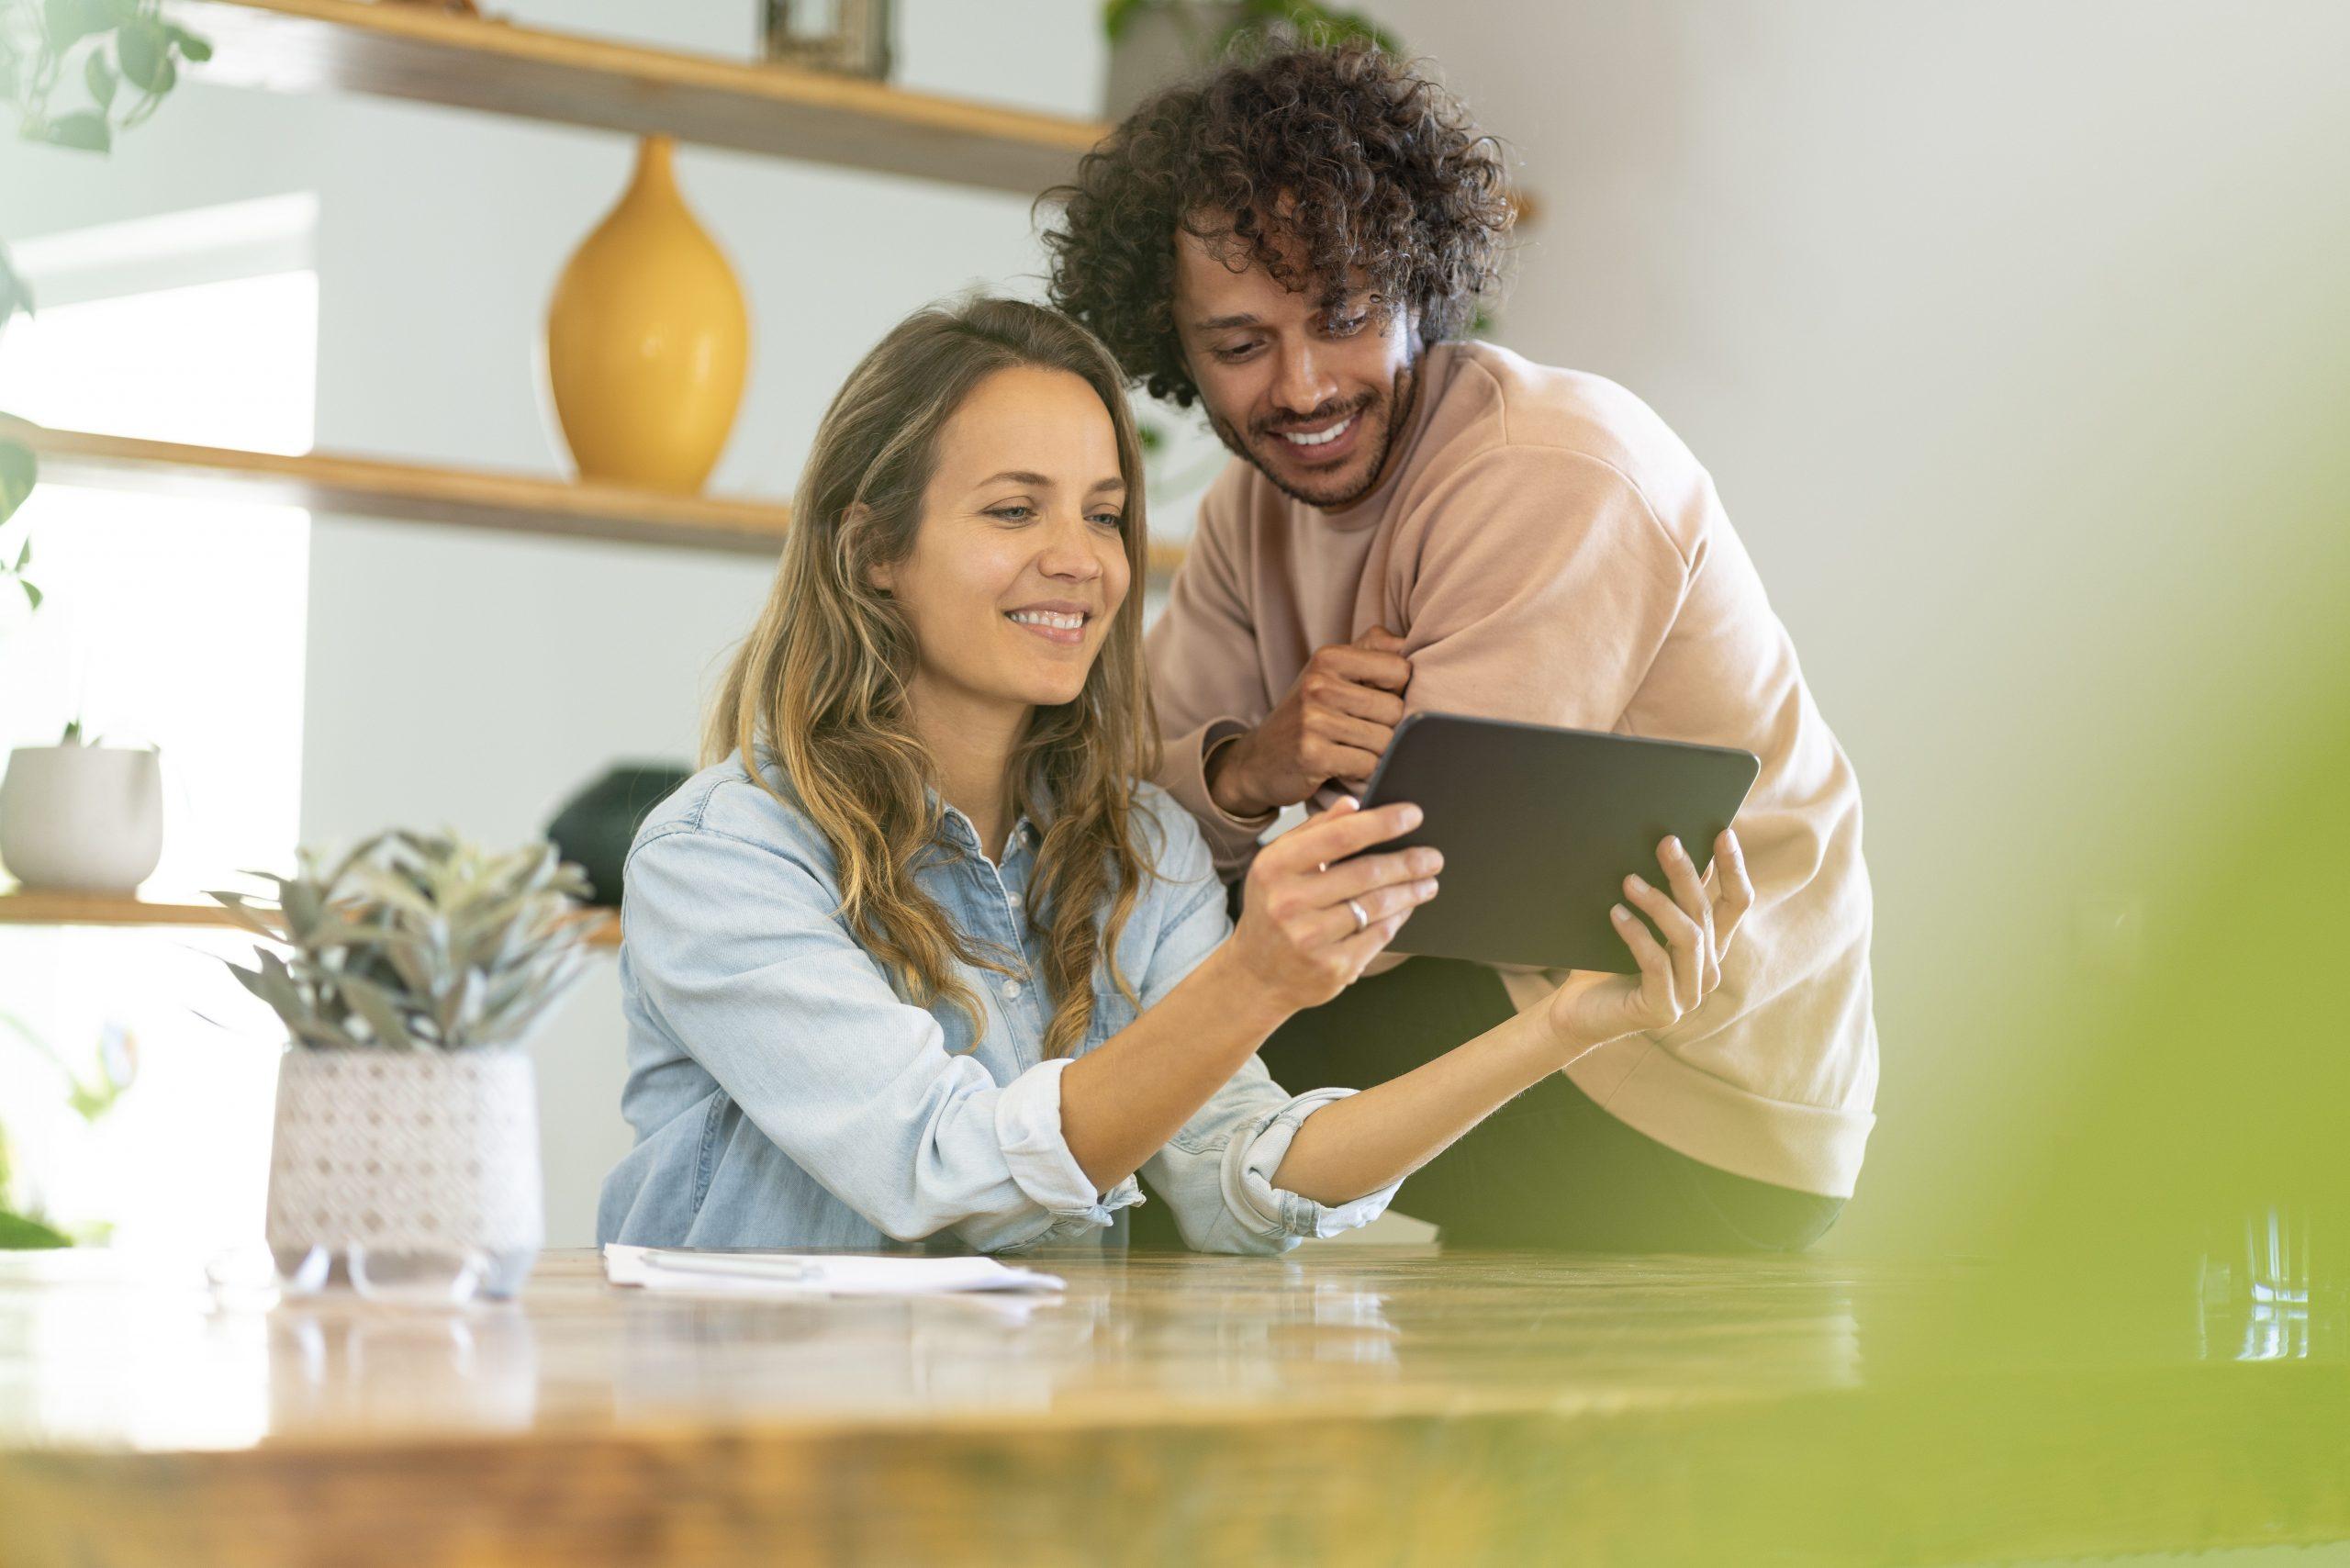 Mann und Frau mit iPad zuhause